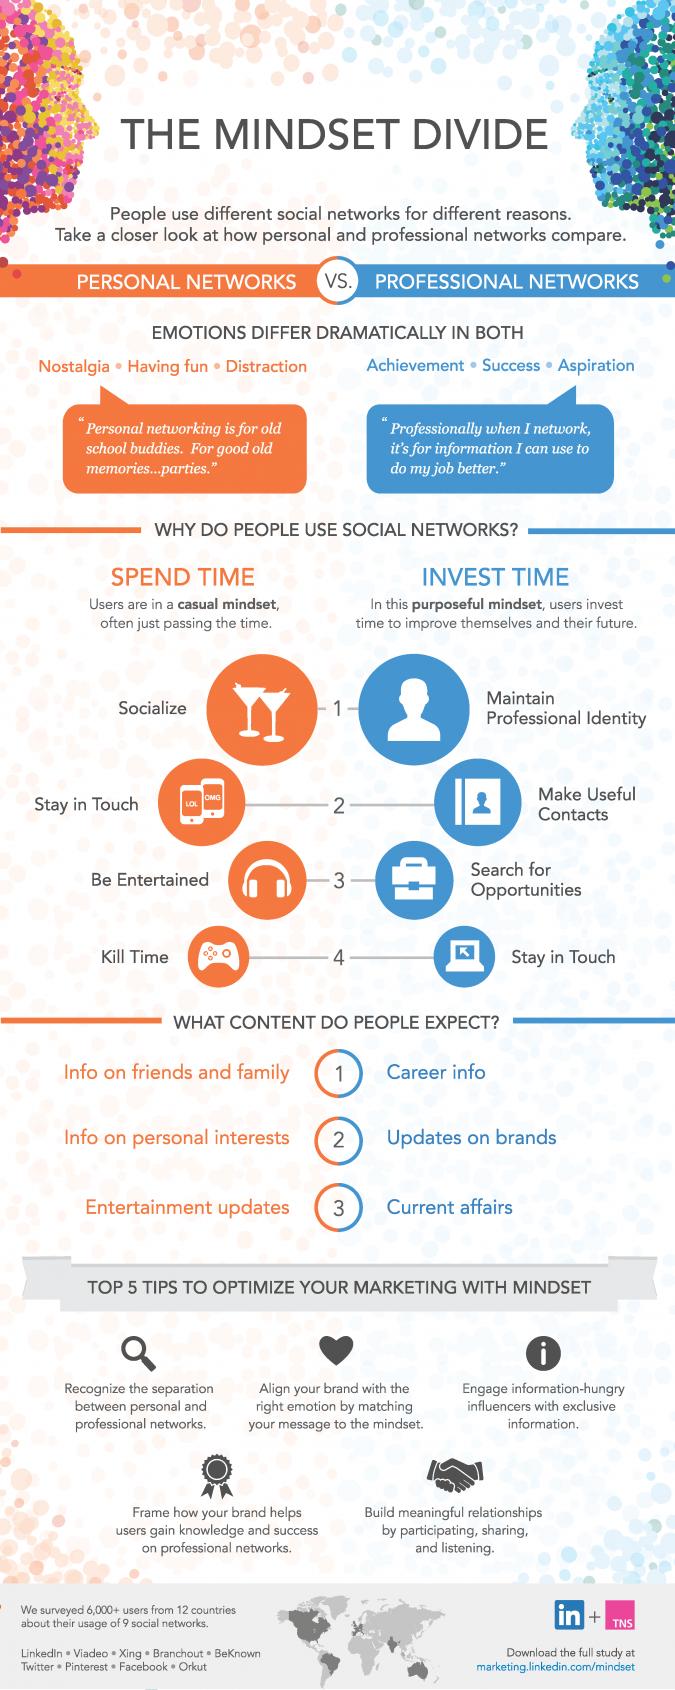 mindset_divide_infographic